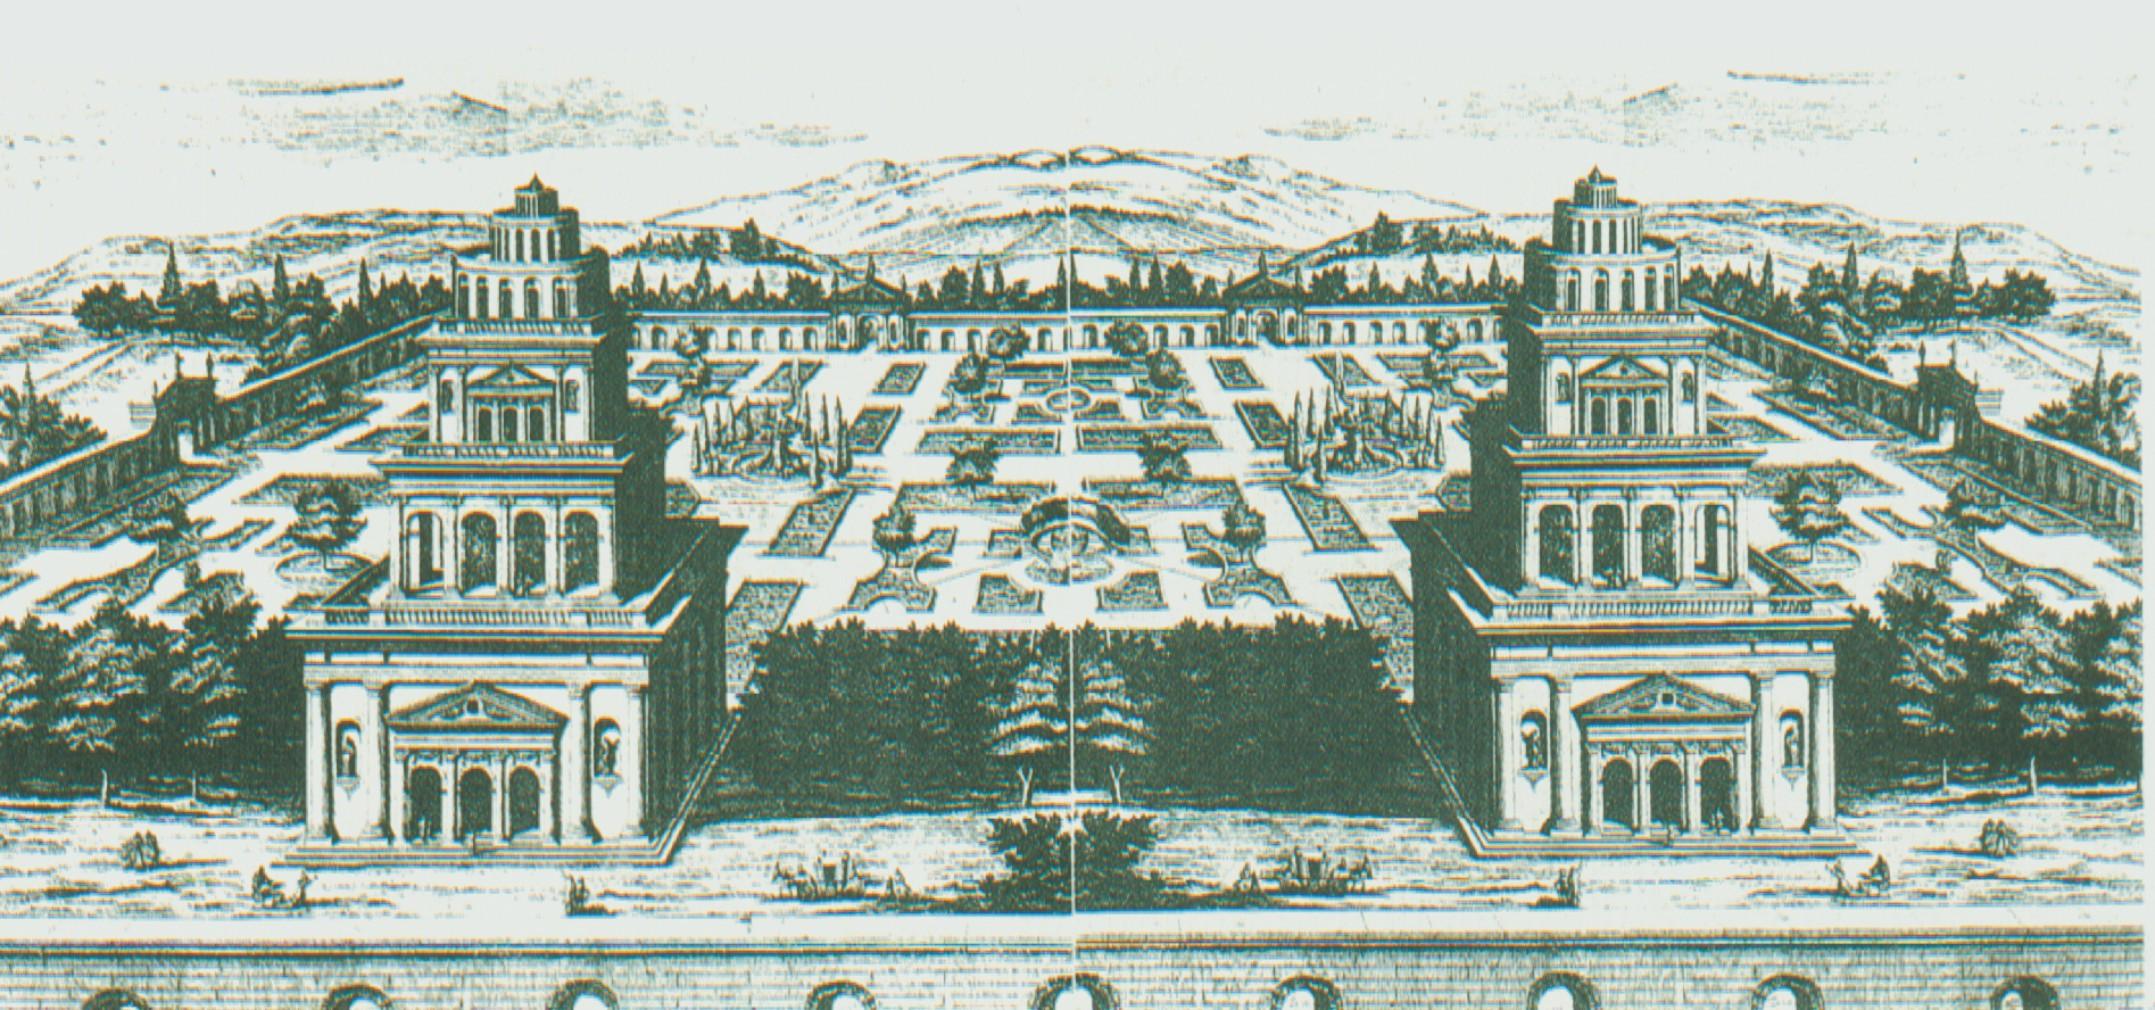 GIULIO PAOLINI, Il modello del tempio il tempio del modello,